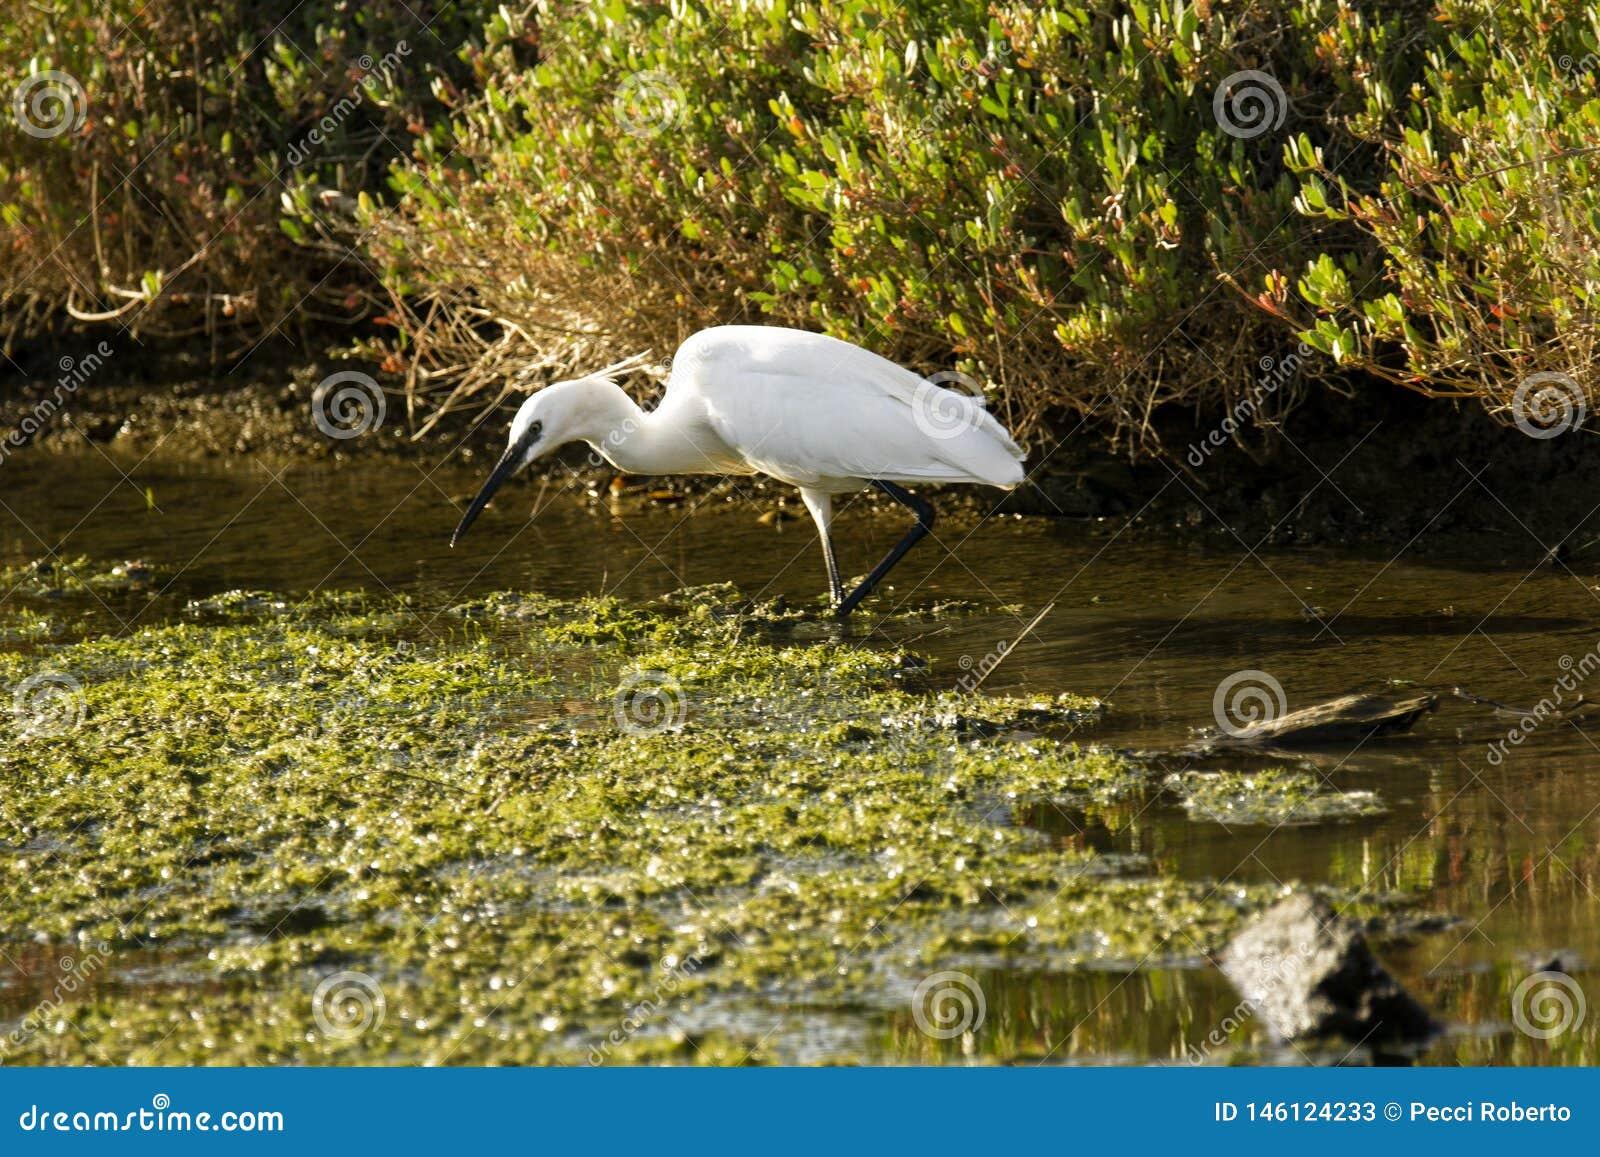 Italy Tuscany Maremma Castiglione della Pescaia Grosseto, natural reserve of Diaccia Botrona, heron hunting in a canal